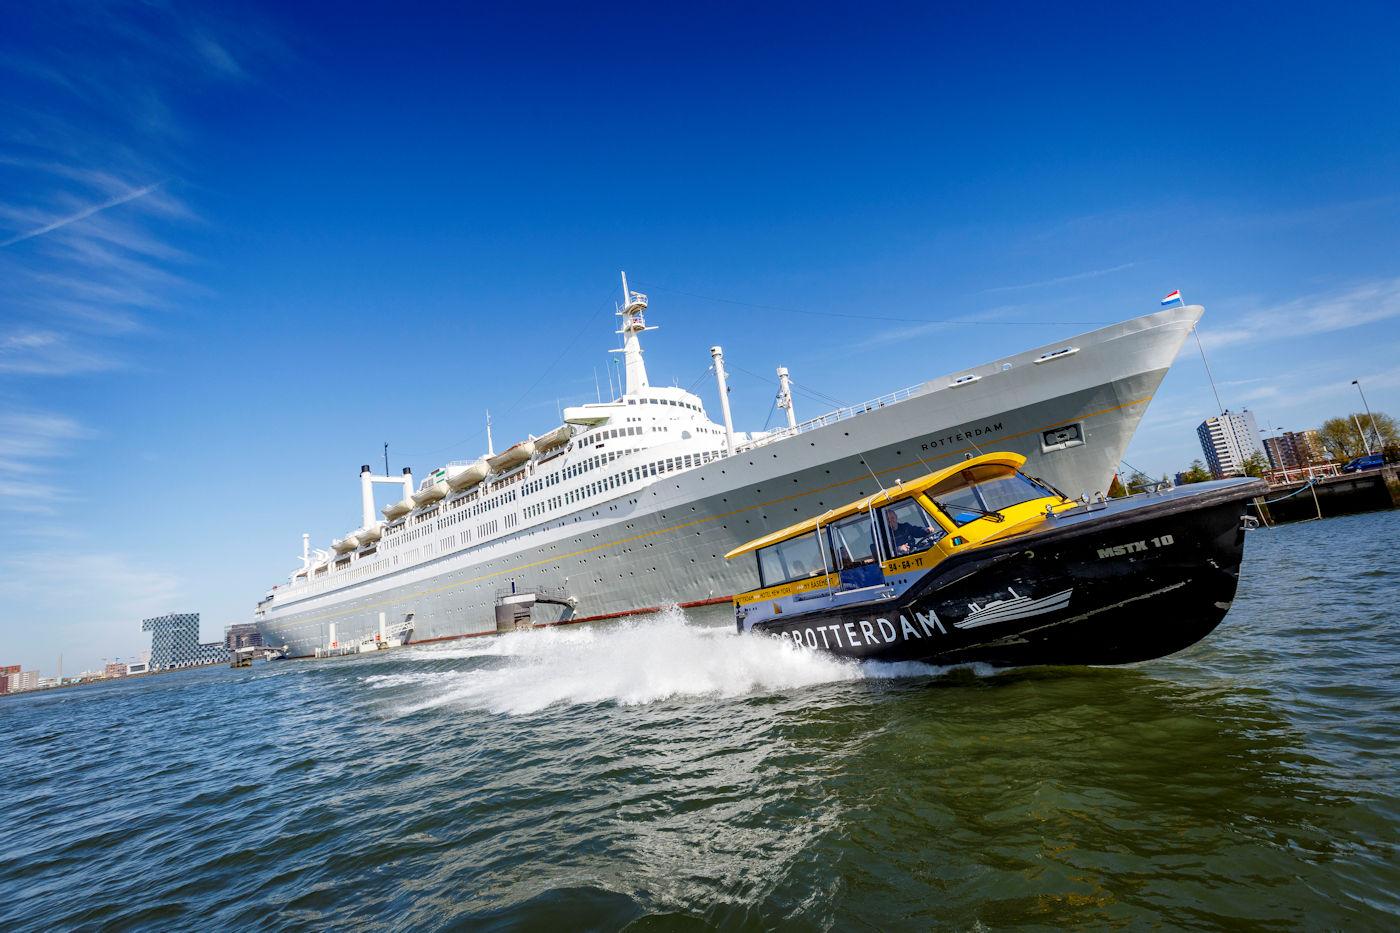 Rondleiding op het ss Rotterdam!